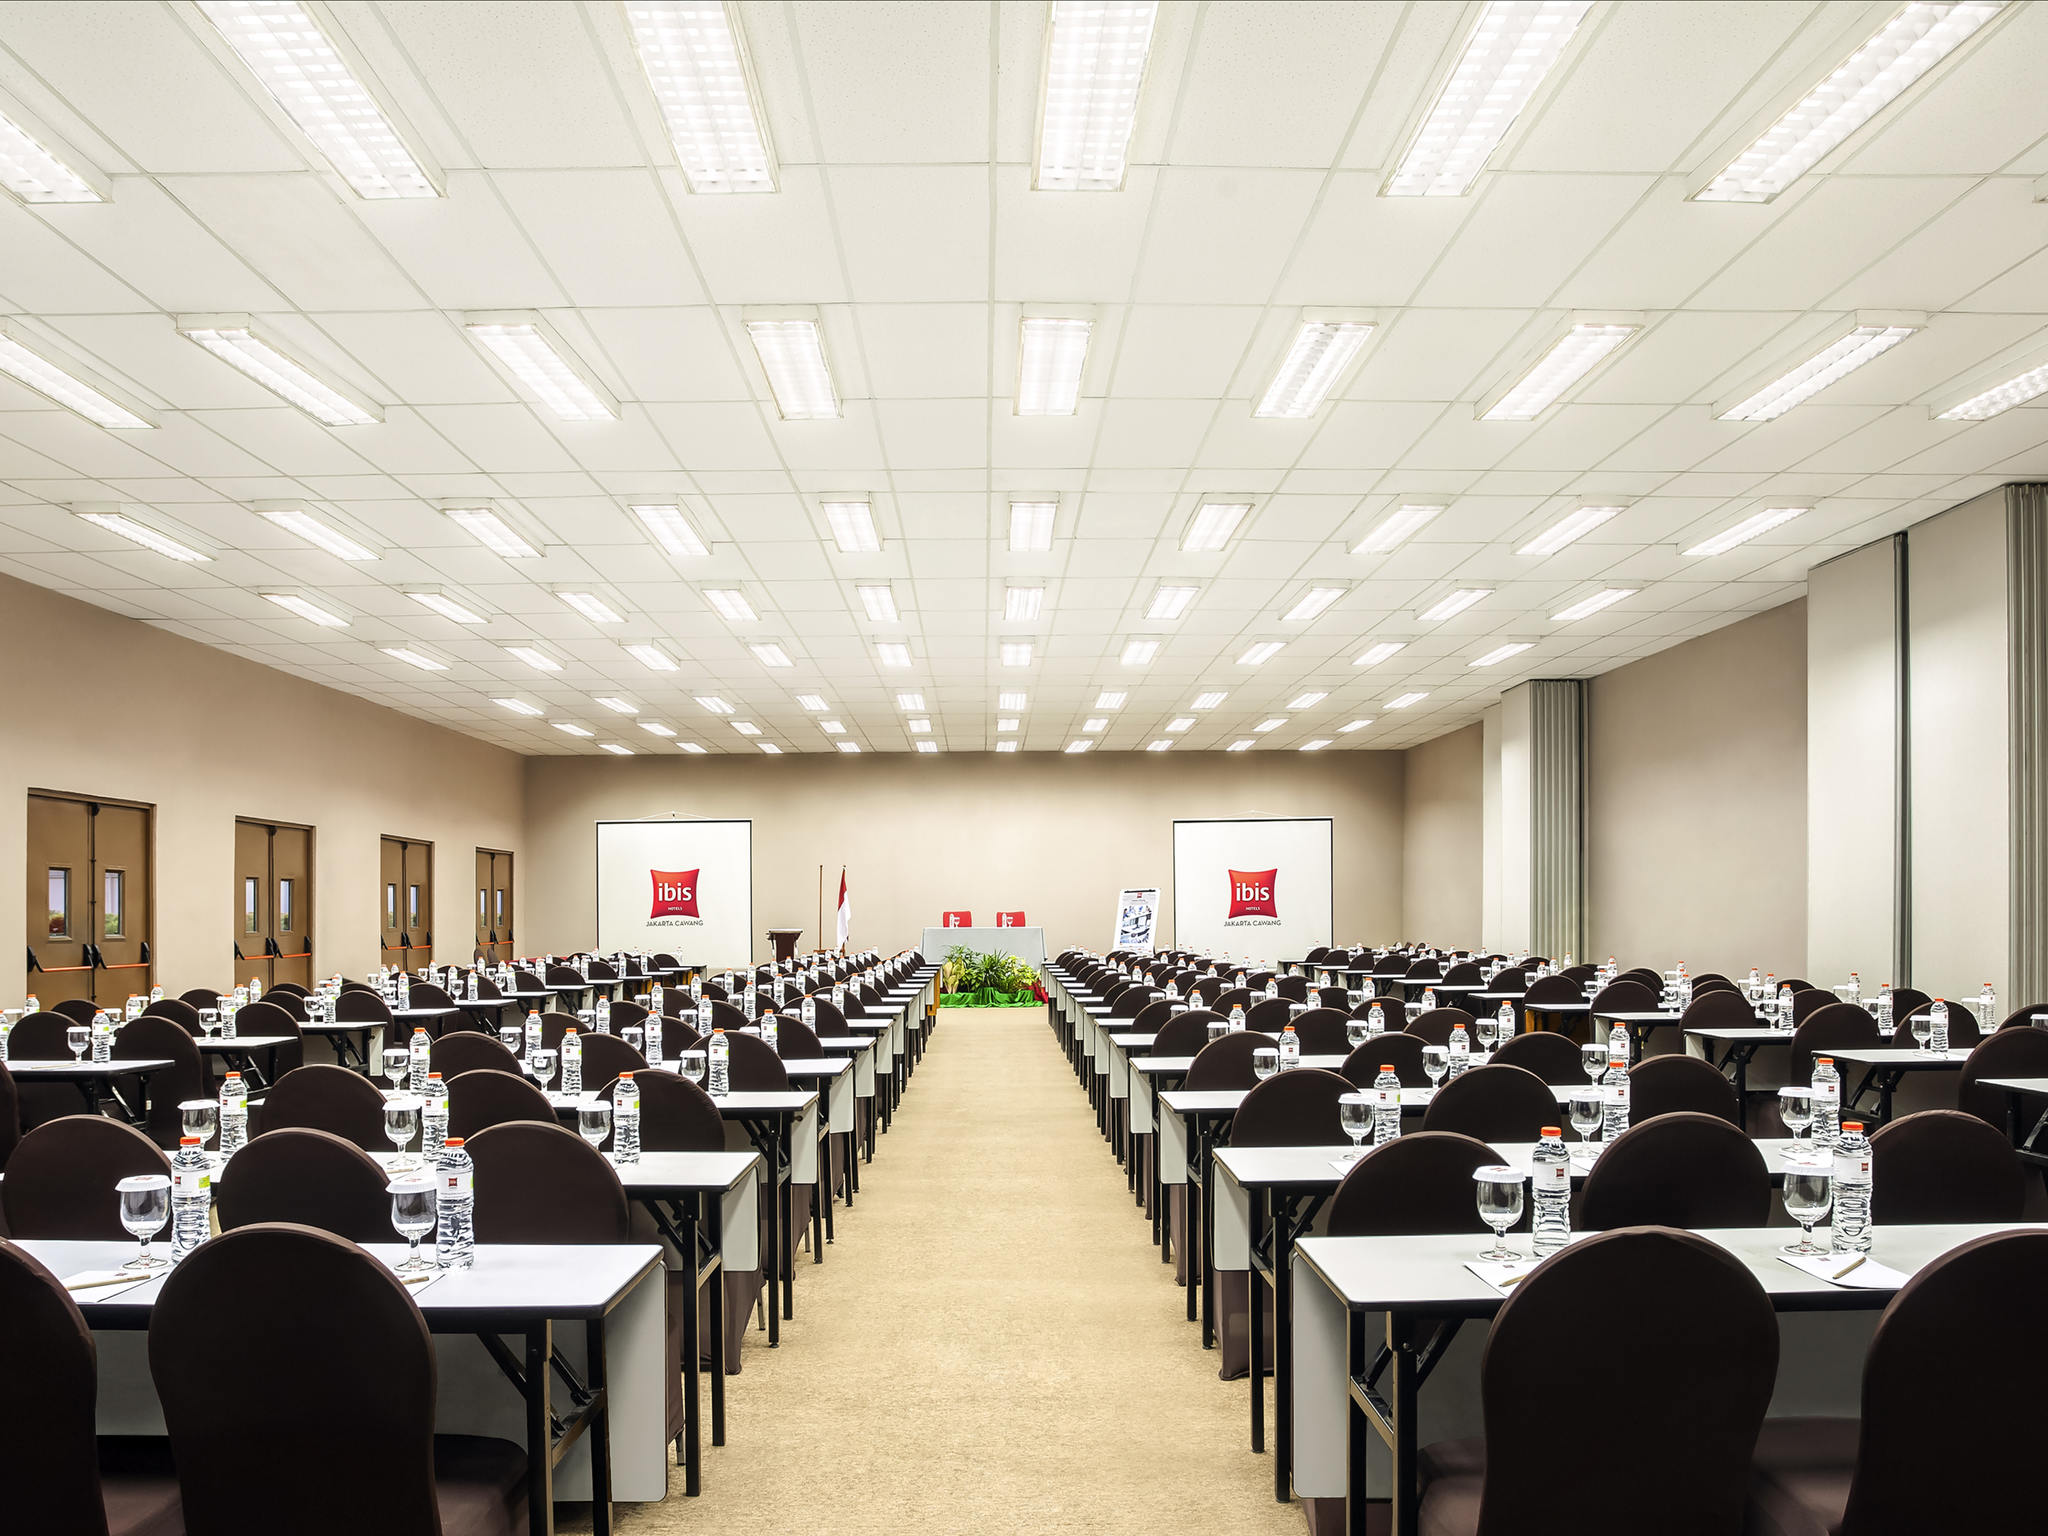 โรงแรม – ไอบิส จาการ์ตา เซนทรัล คาวัง